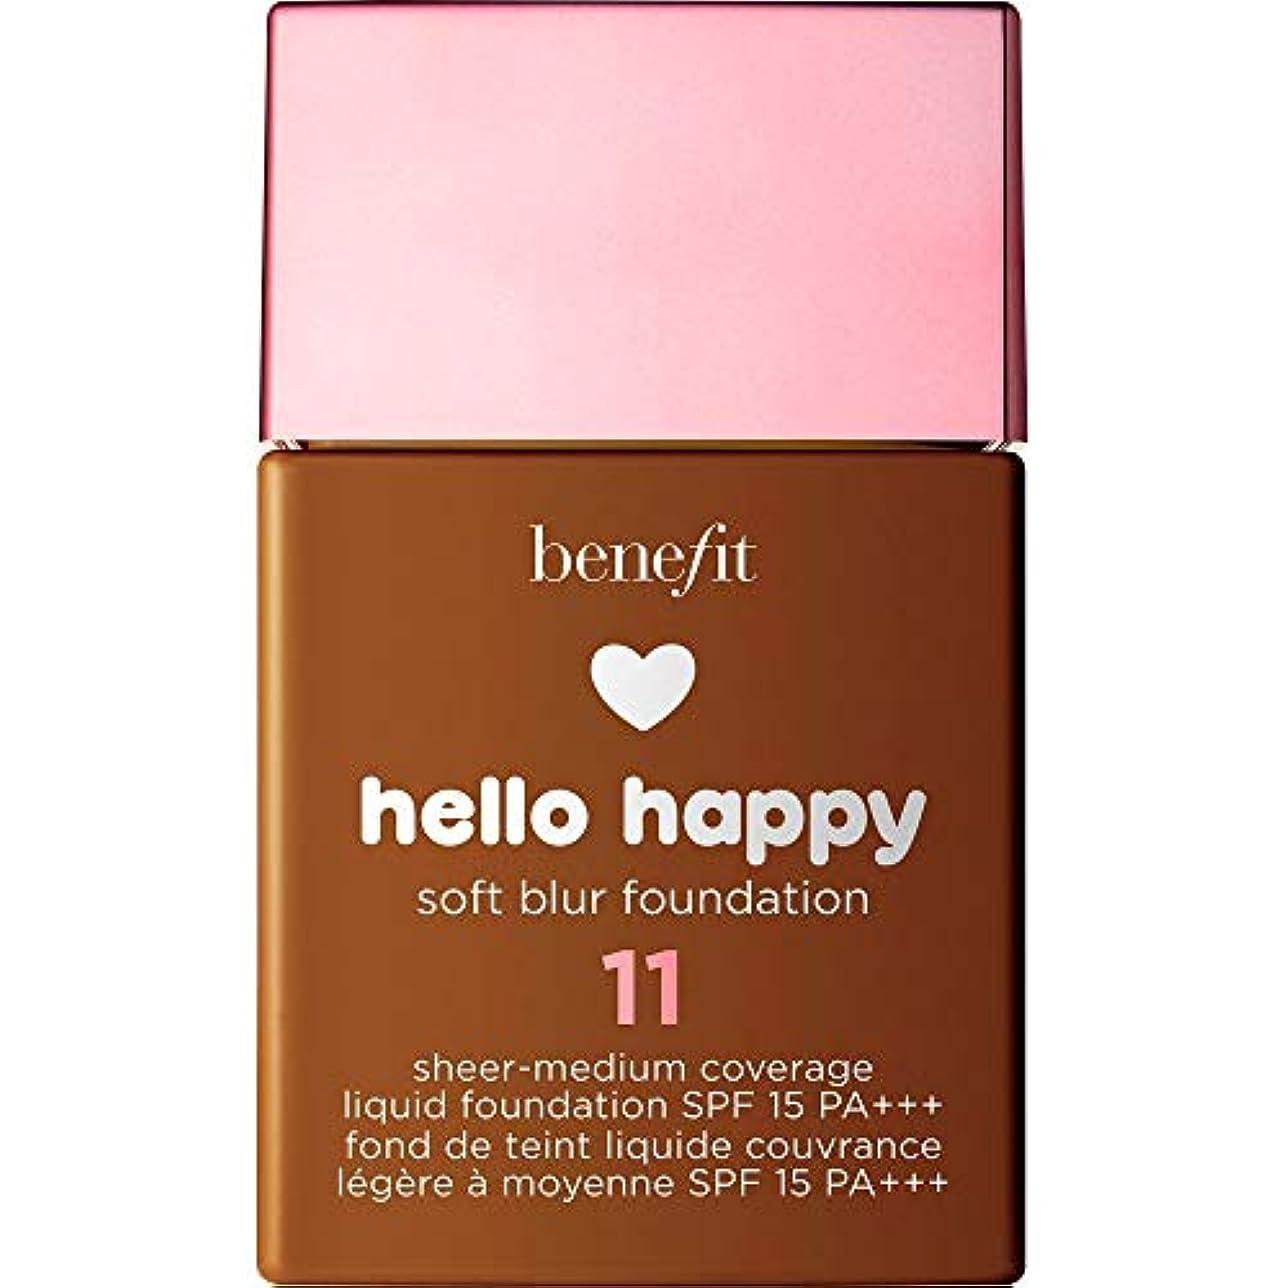 石膏伴う同級生[Benefit ] 利点は、ハロー幸せソフトブラー基礎Spf15 30ミリリットル11 - ダークニュートラル - Benefit Hello Happy Soft Blur Foundation SPF15 30ml...